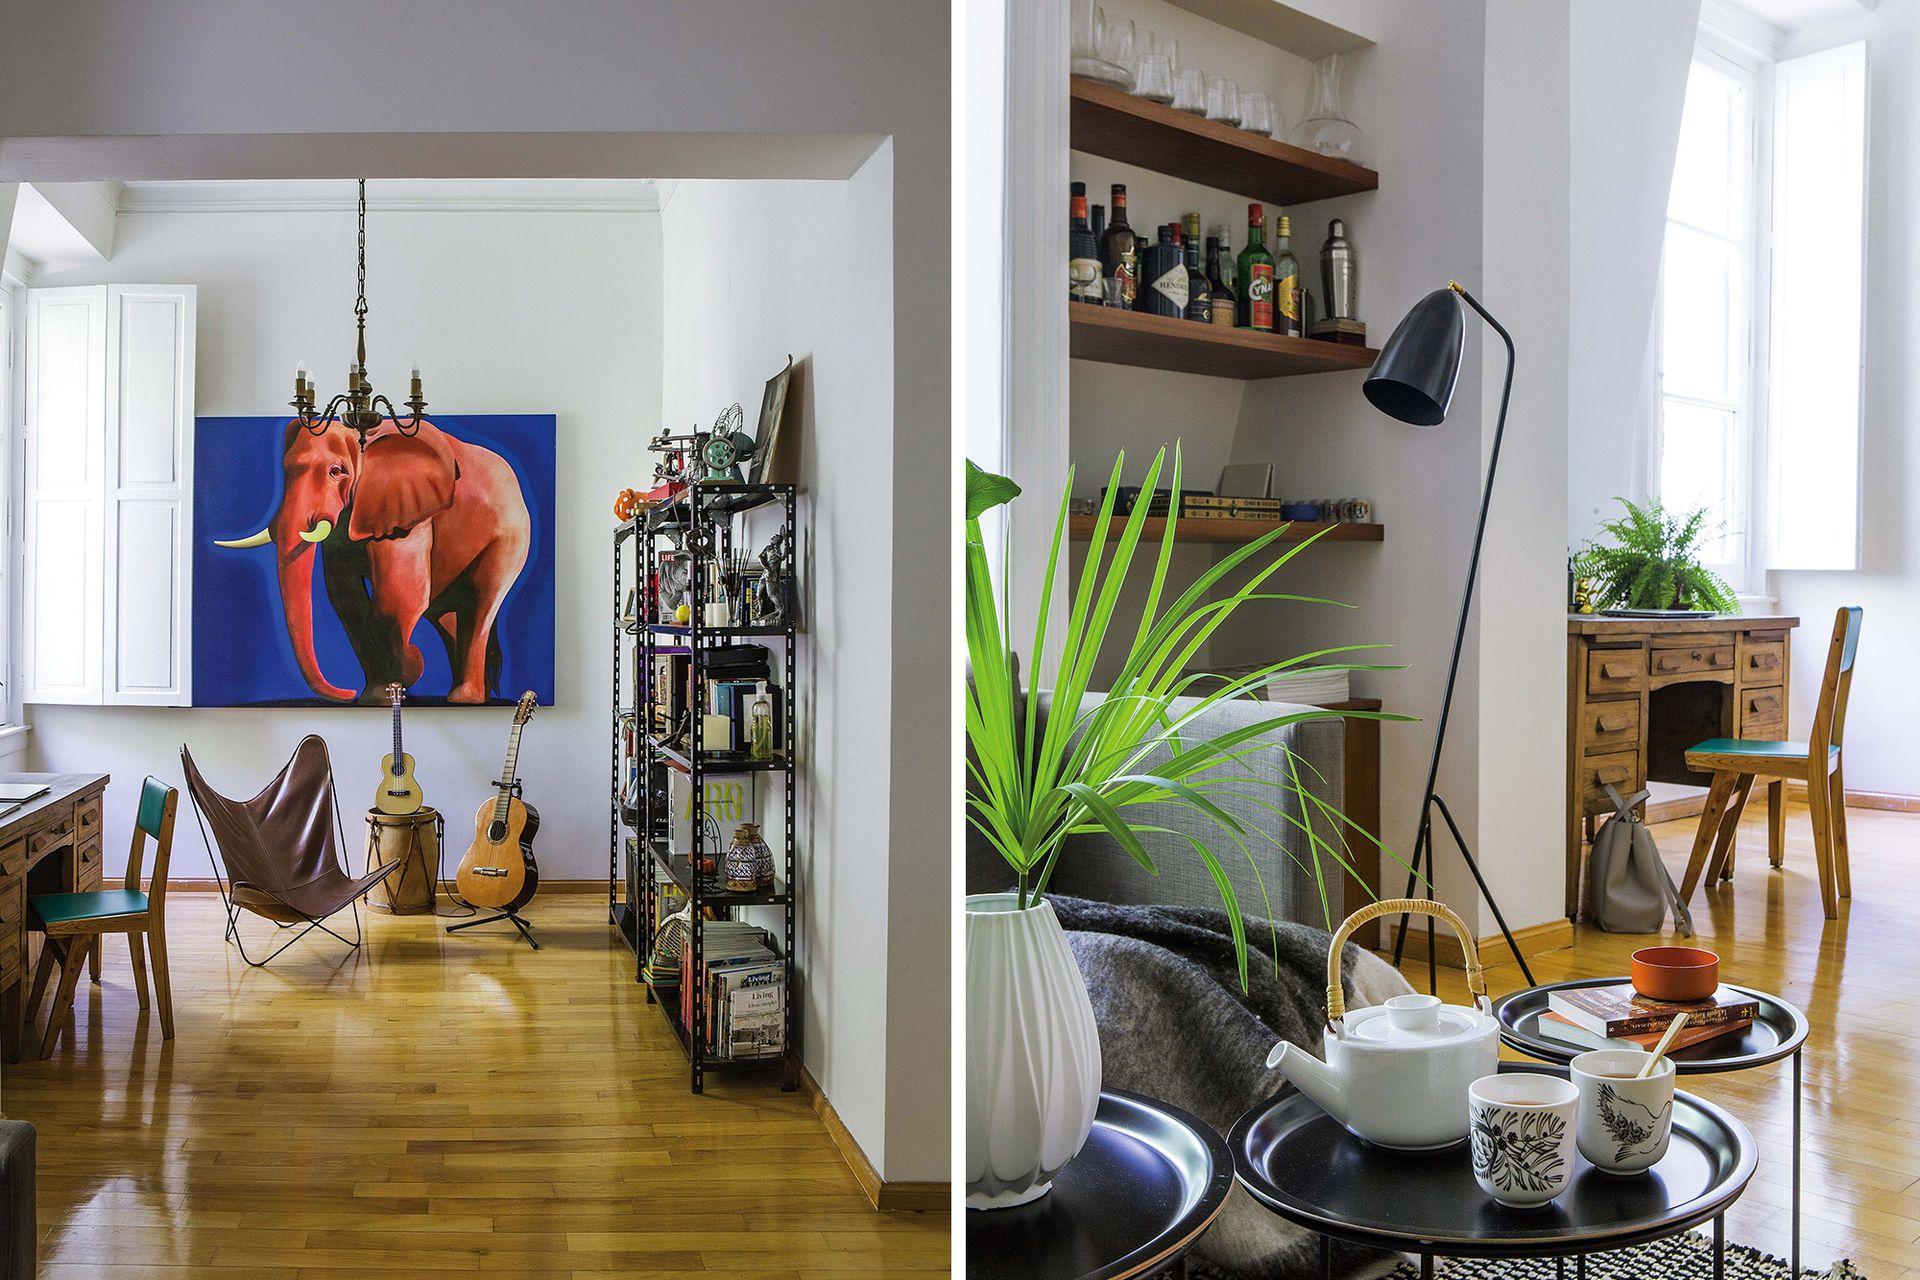 Escritorio vintage, silla nórdica (Mobler). Araña heredada, cuadro de María Casalins. Silla BKF de cuero y biblioteca metálica tipo Rapi-estant.